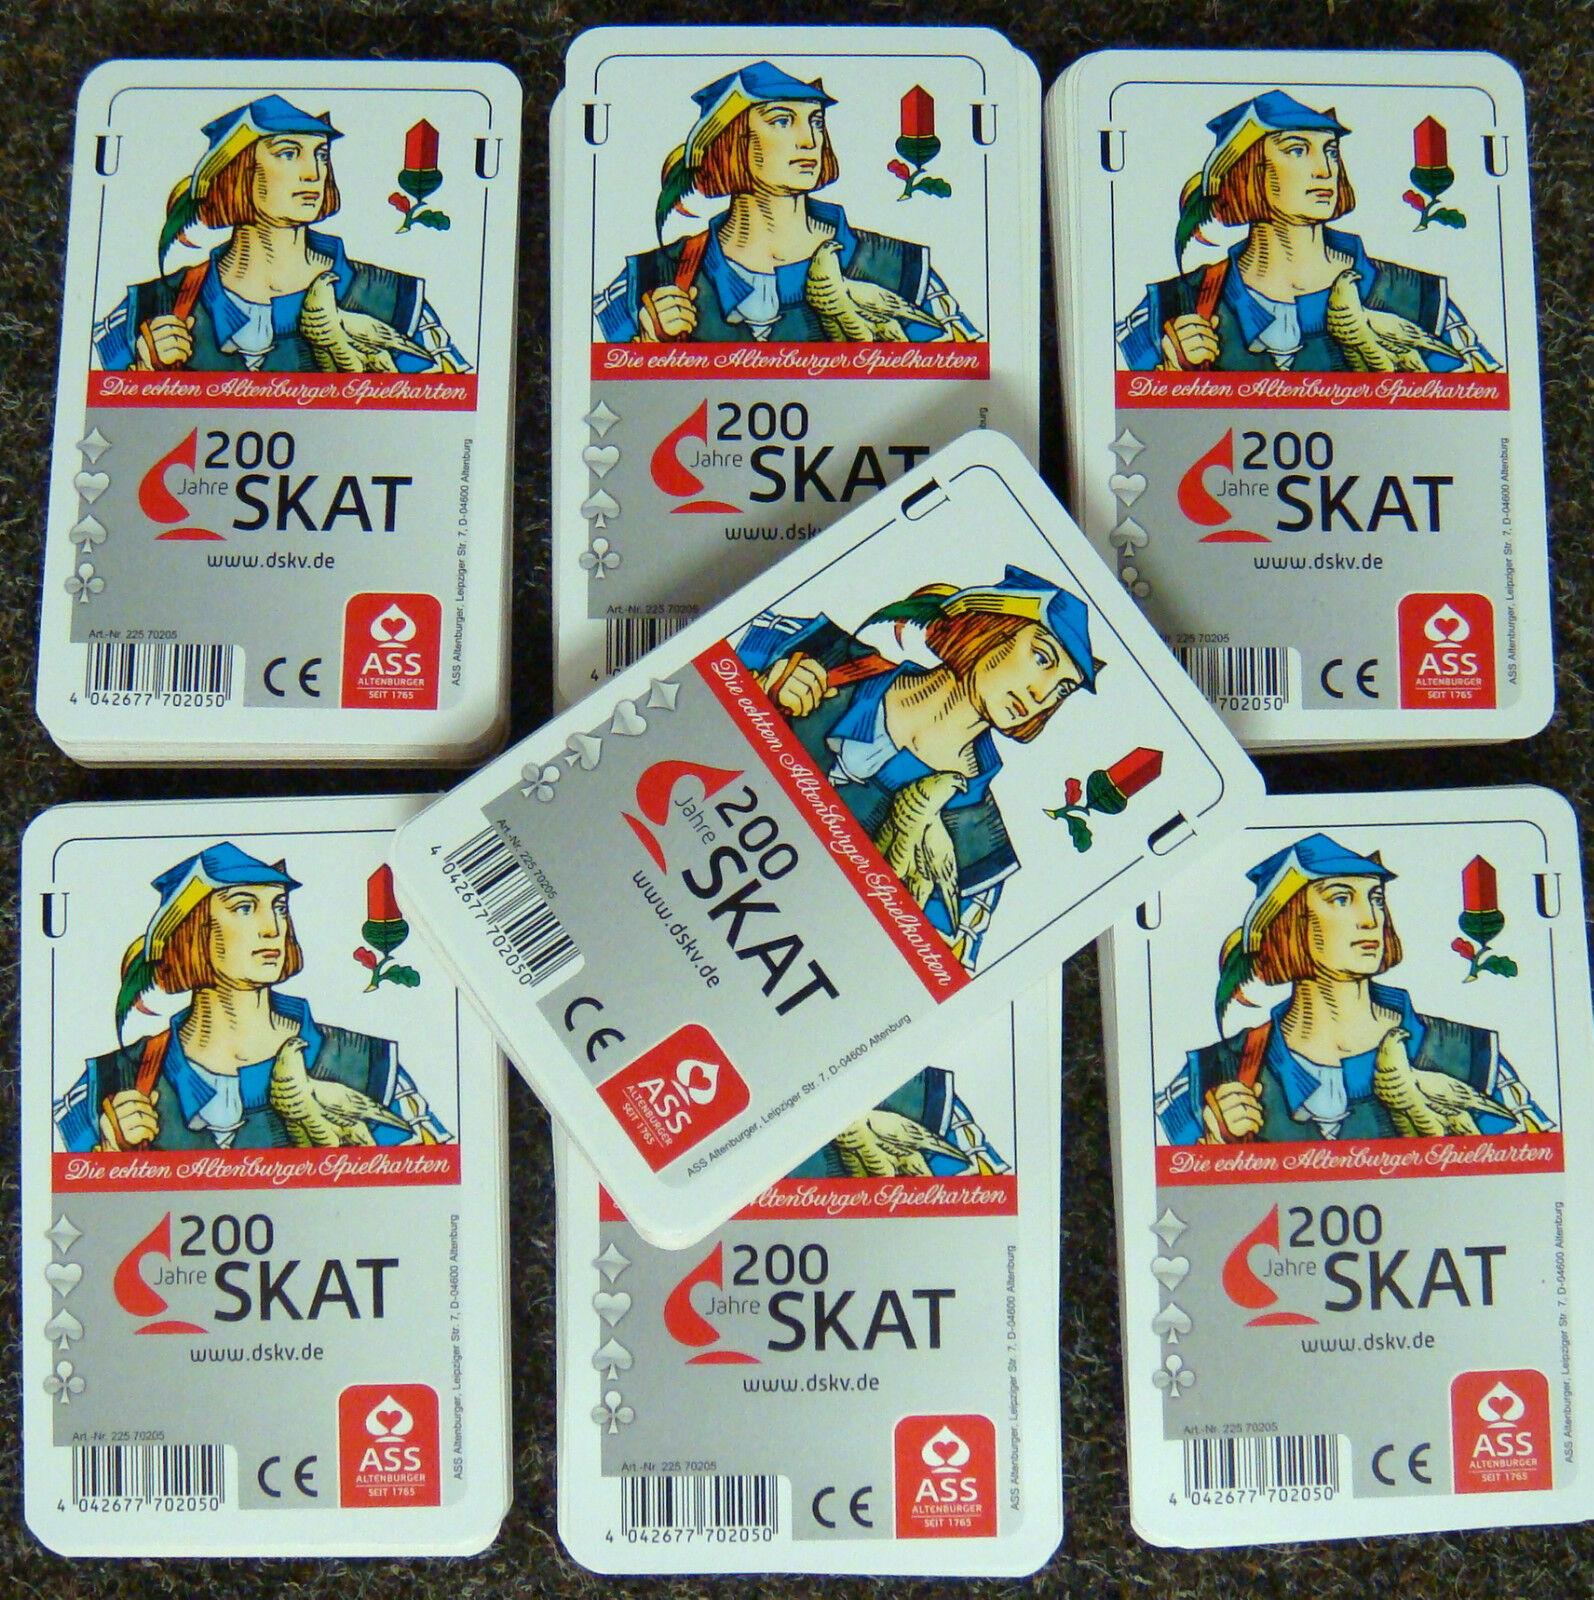 50x SKAT Karten Turnier Deutsches Bild Altenburger Spielkarten Skatspiel Blatt Q